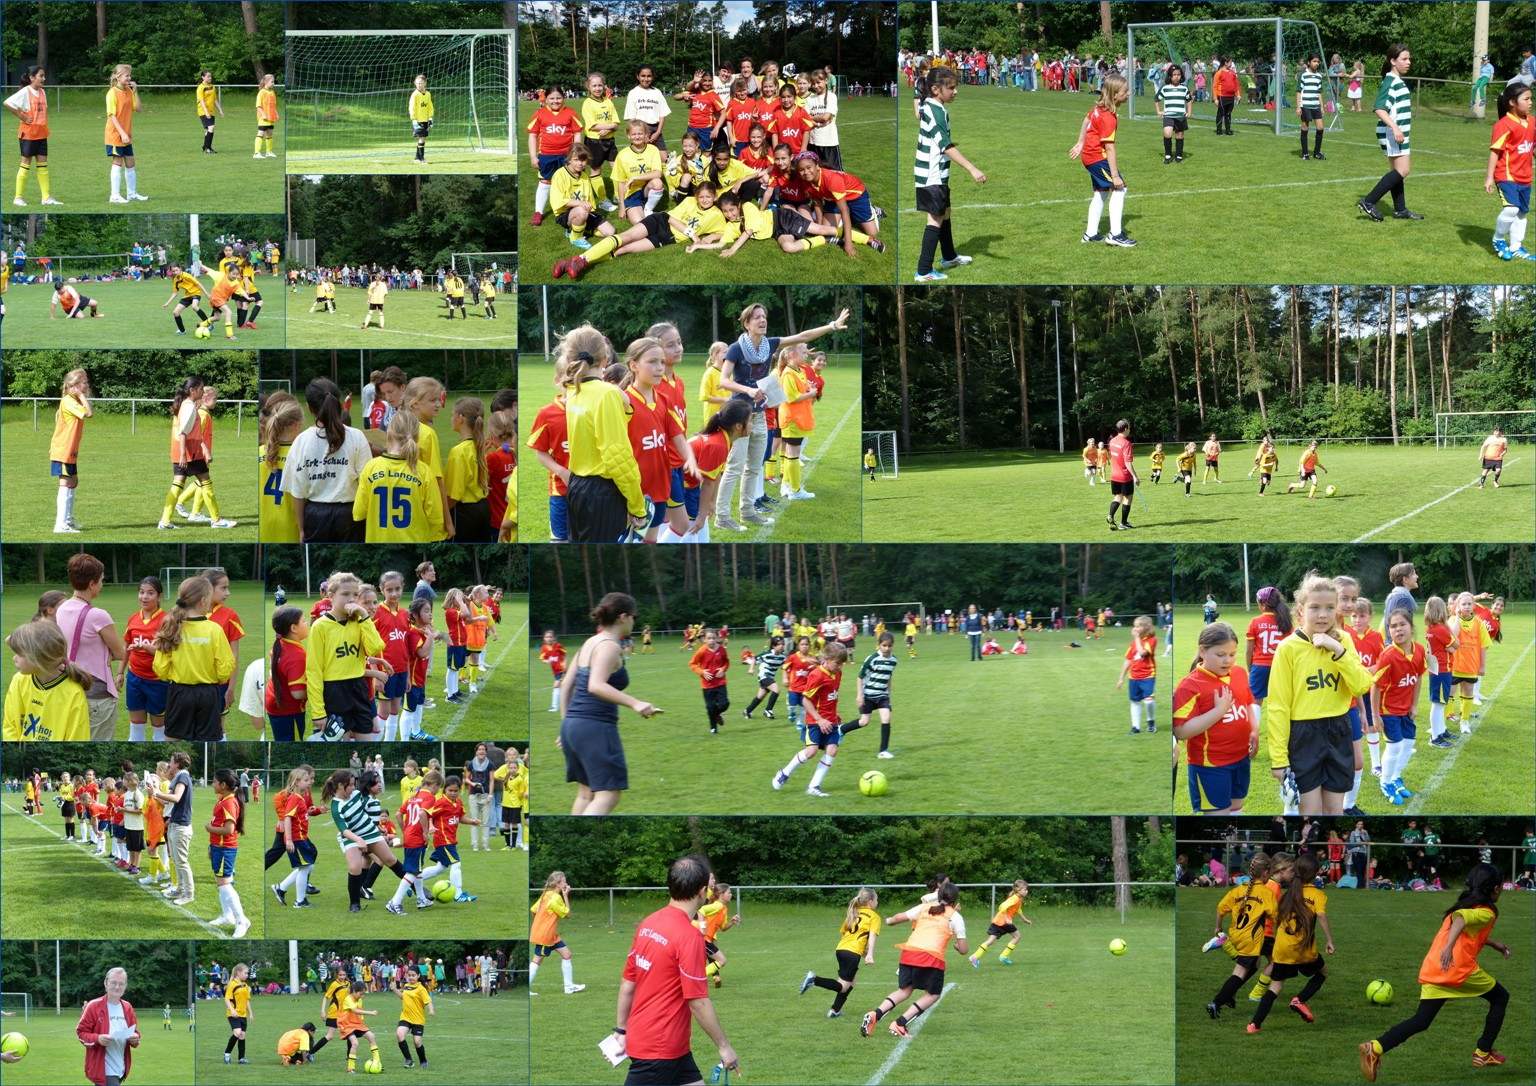 2013-06-14_Fussballturn__2_.jpg